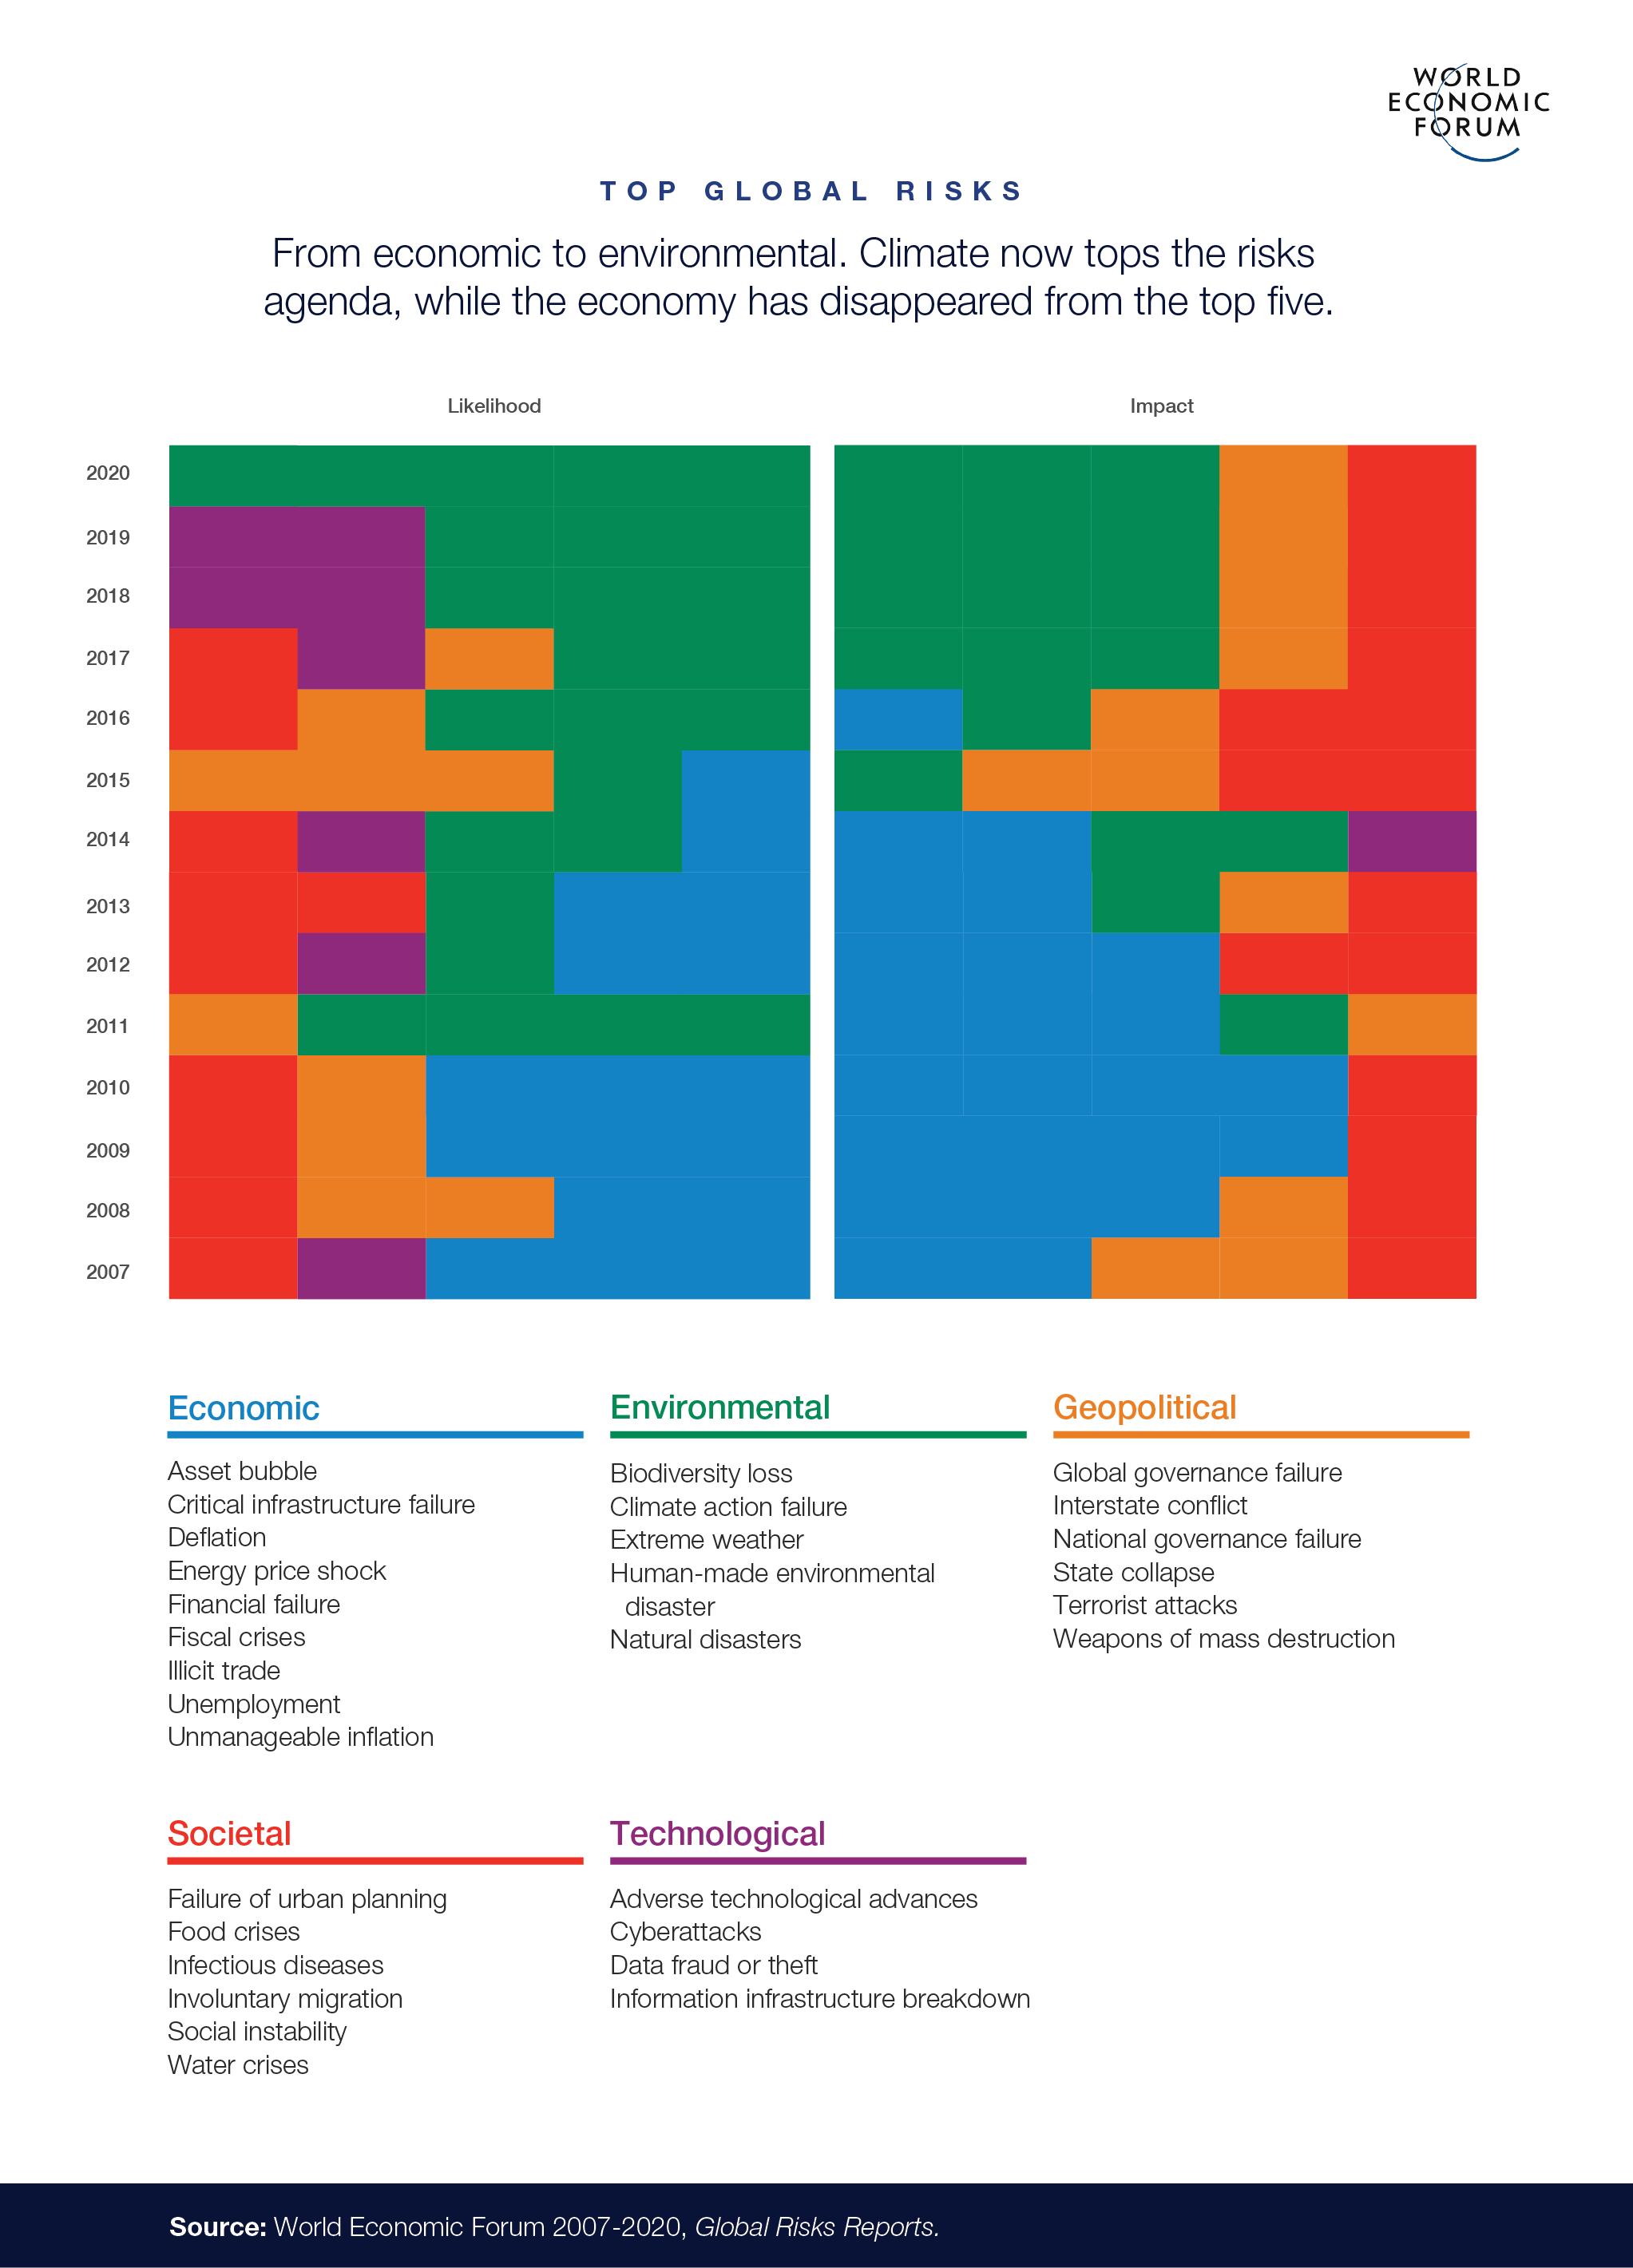 Top 5 nhận thức rủi ro toàn cầu qua các năm về khả năng xảy ra và mức độ tác động   Nguồn: WEF